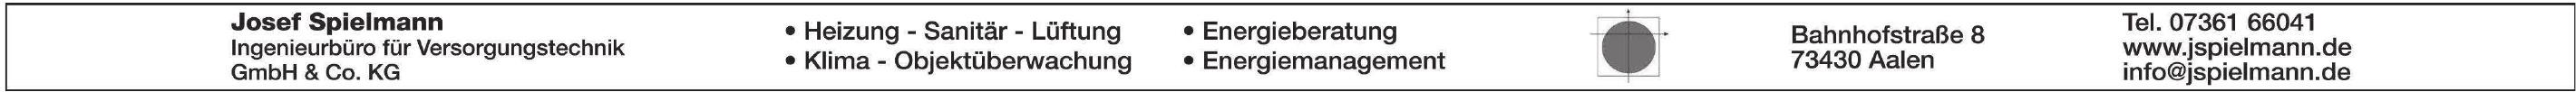 Josef Spielmann Ingenieurbüro für Versorgungstechnik GmbH & Co. KG